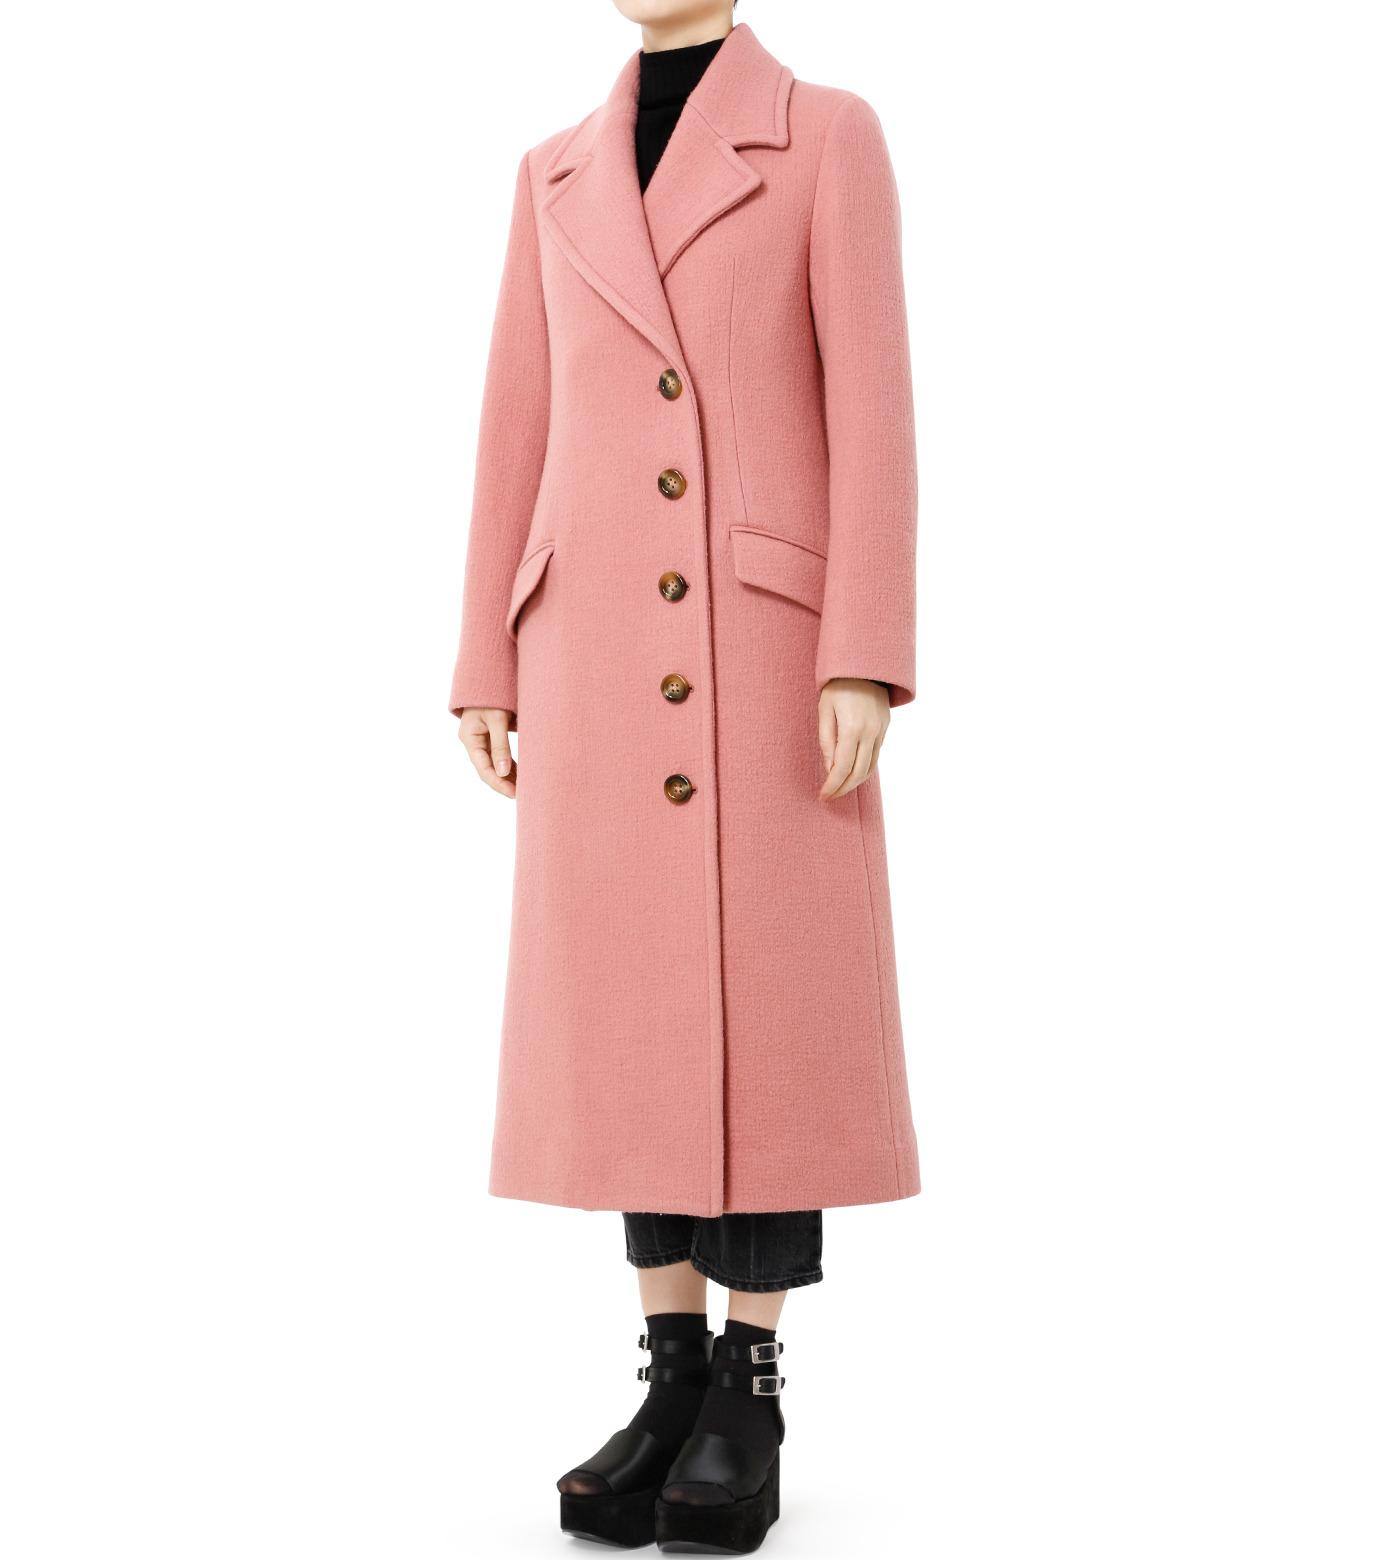 LE CIEL BLEU(ルシェルブルー)のナッピングウールレディーコート-SALMON PINK(コート/coat)-18A69716 拡大詳細画像4